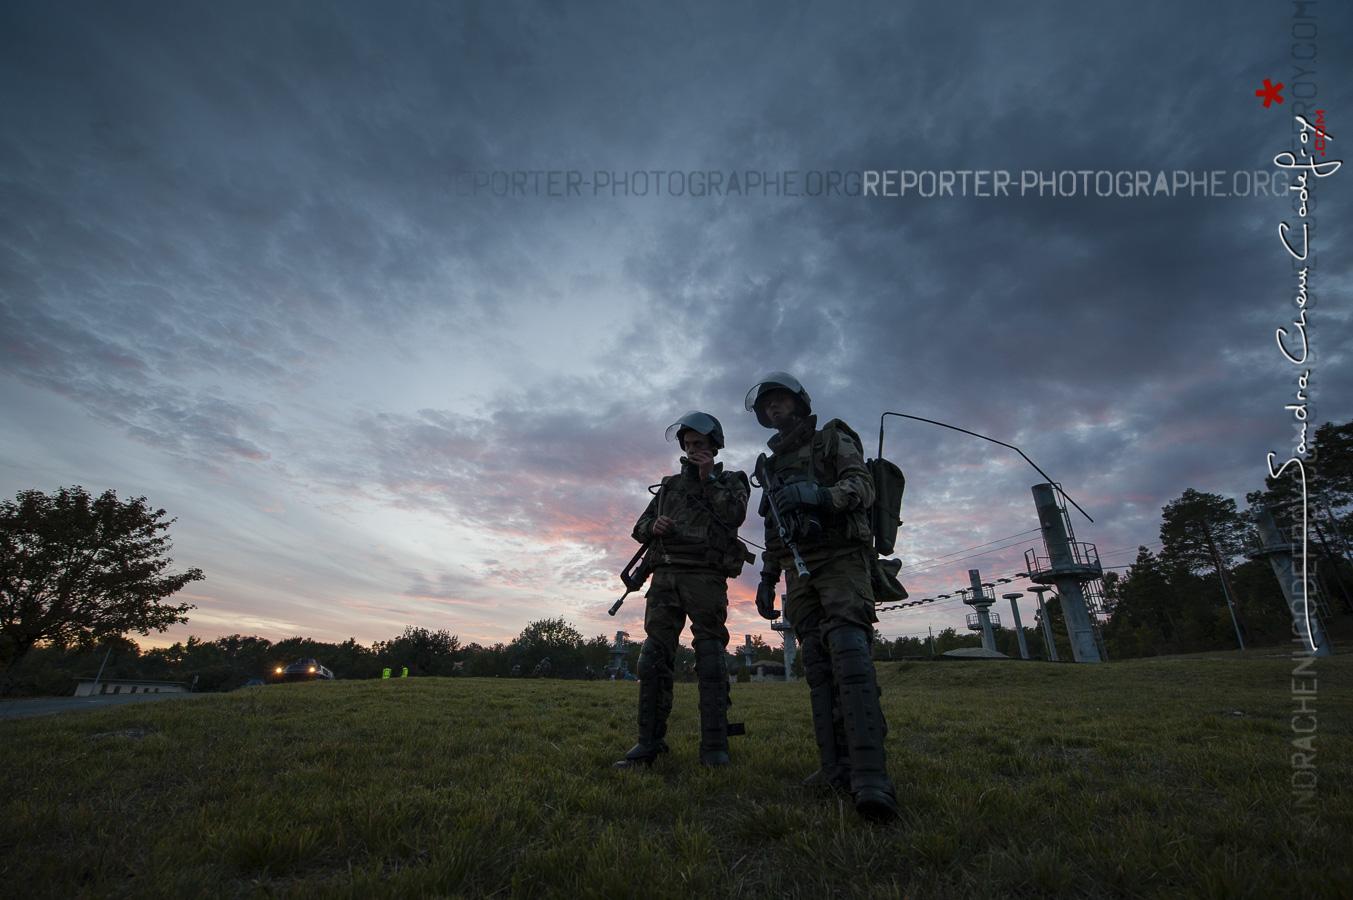 Soldats lors de l'exercice Satorex de nuit [Ref:1410-22-0710]